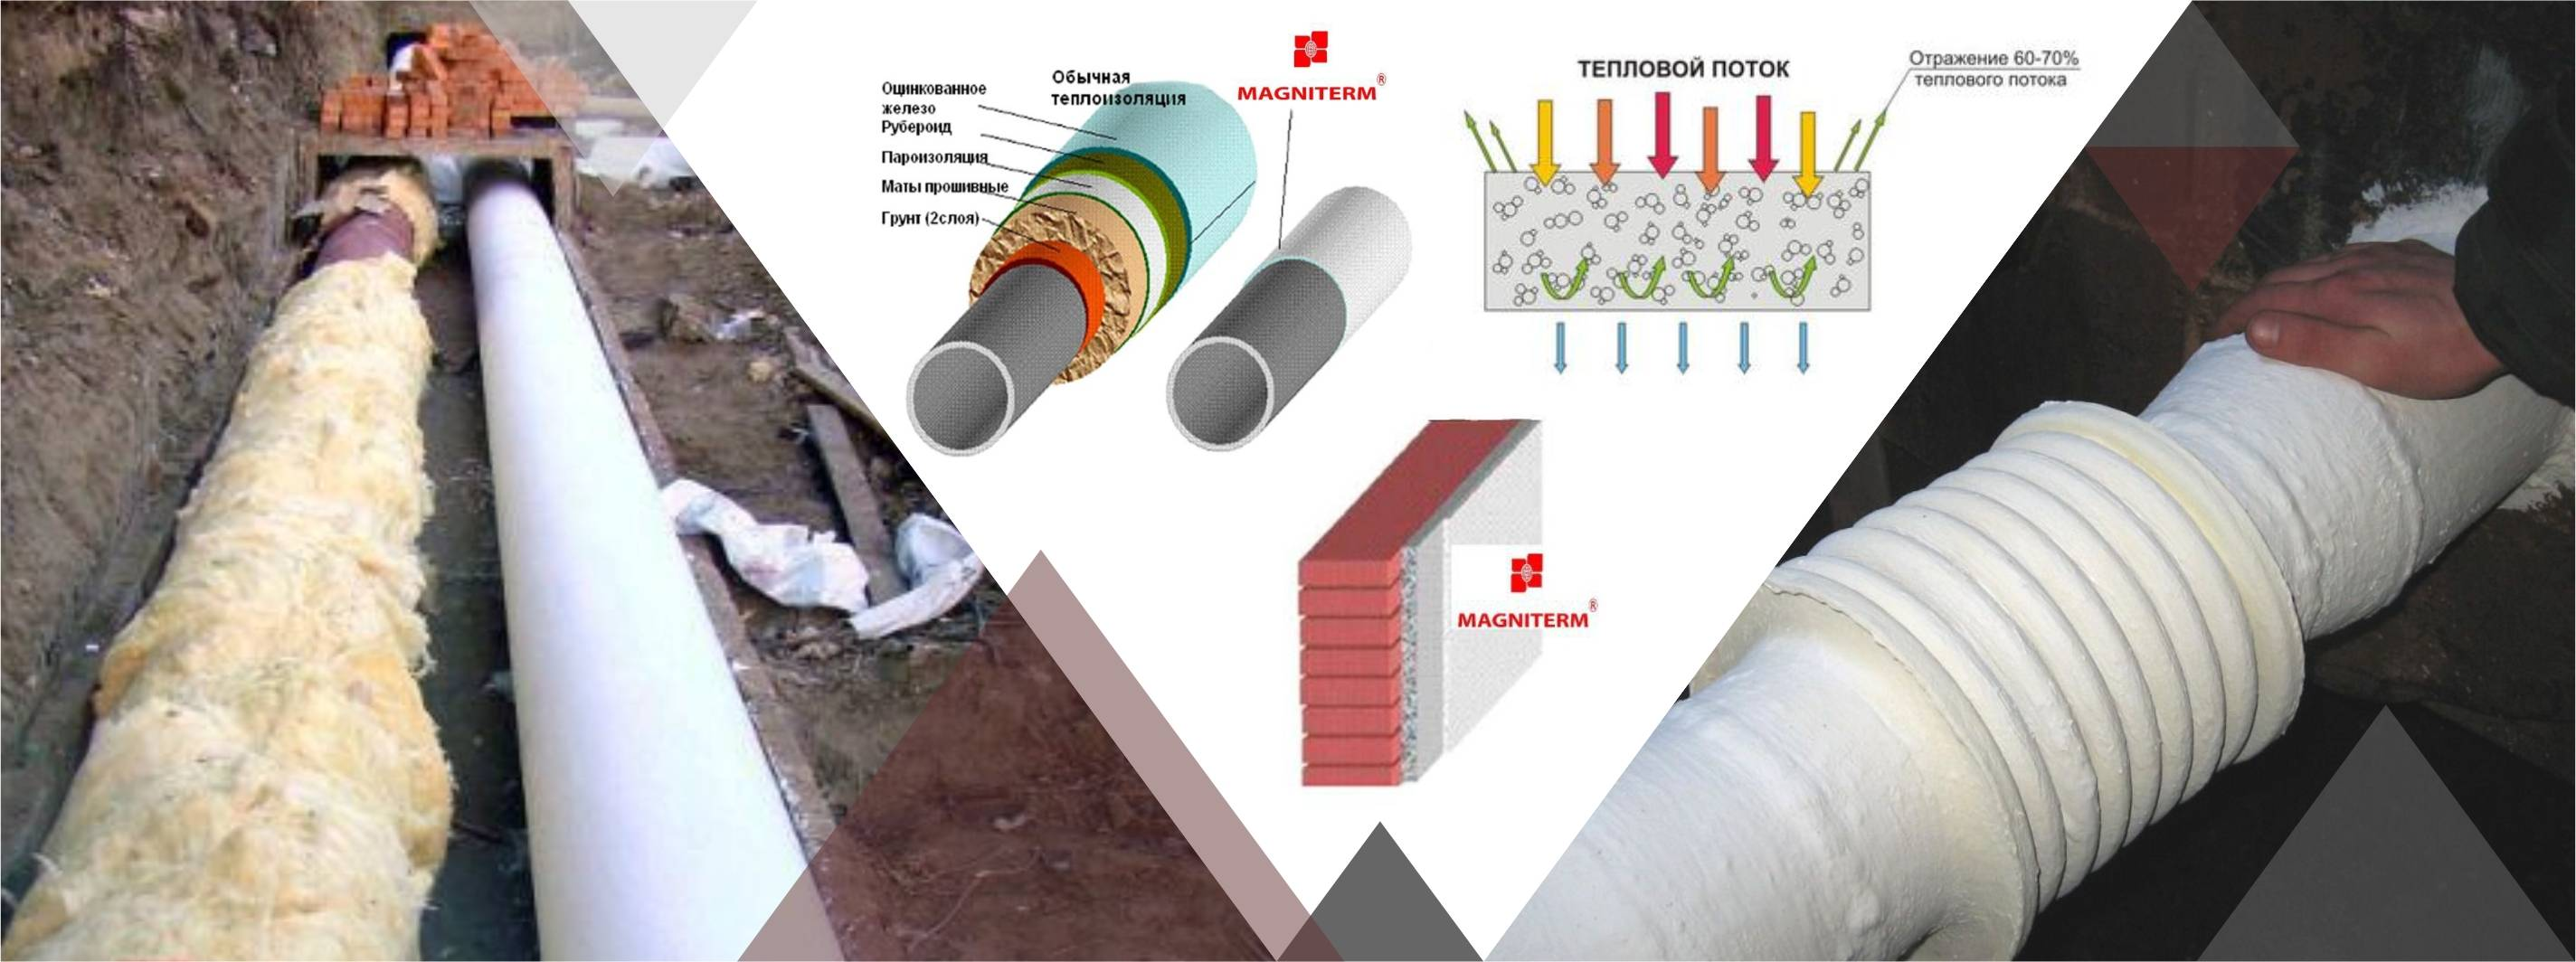 Жидкая теплоизоляция: расход и применение жидкого утеплителя